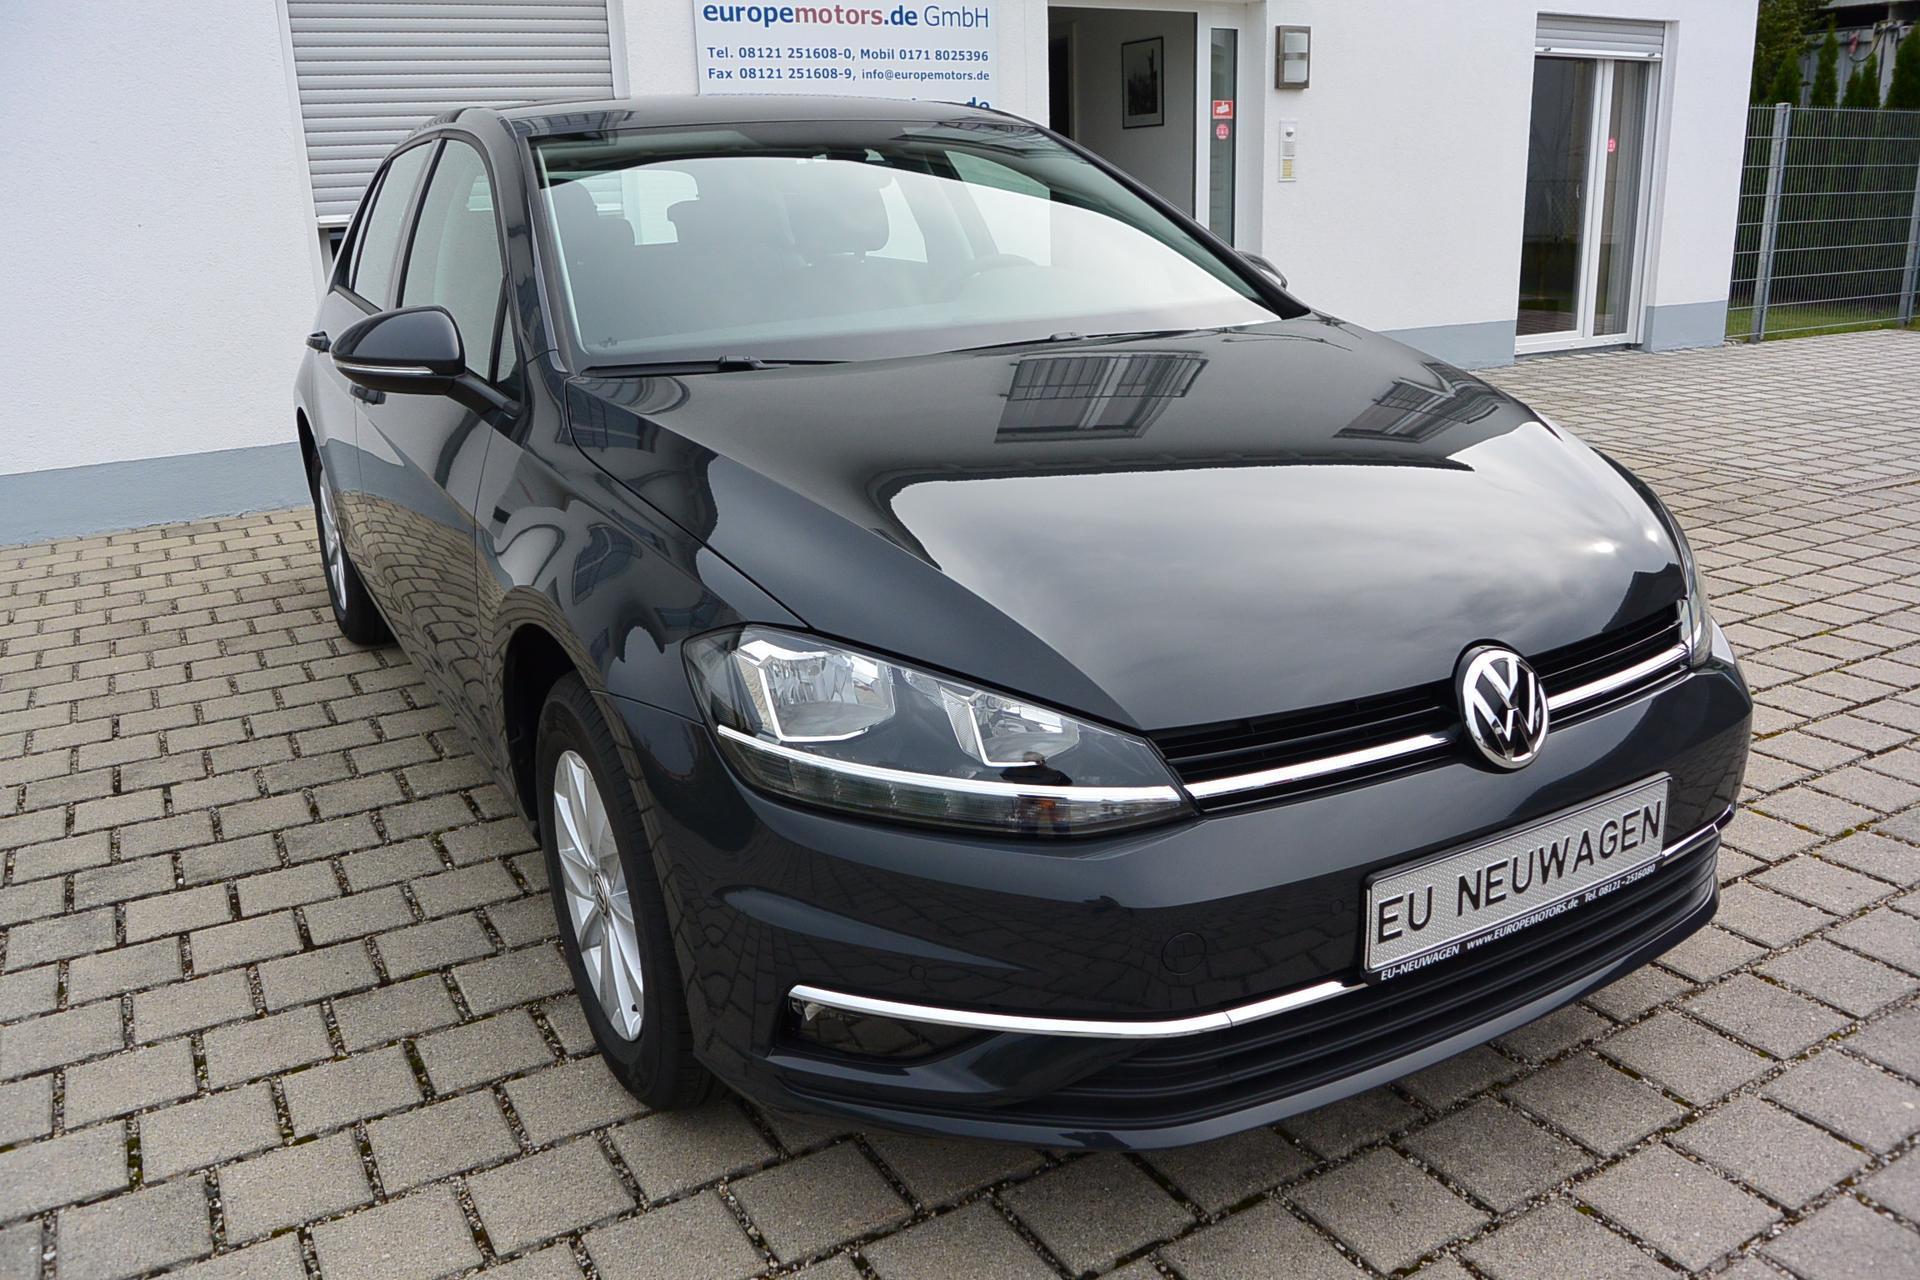 Volkswagen Golf Trendline Reimport EU Neuwagen zum günstigen Preis